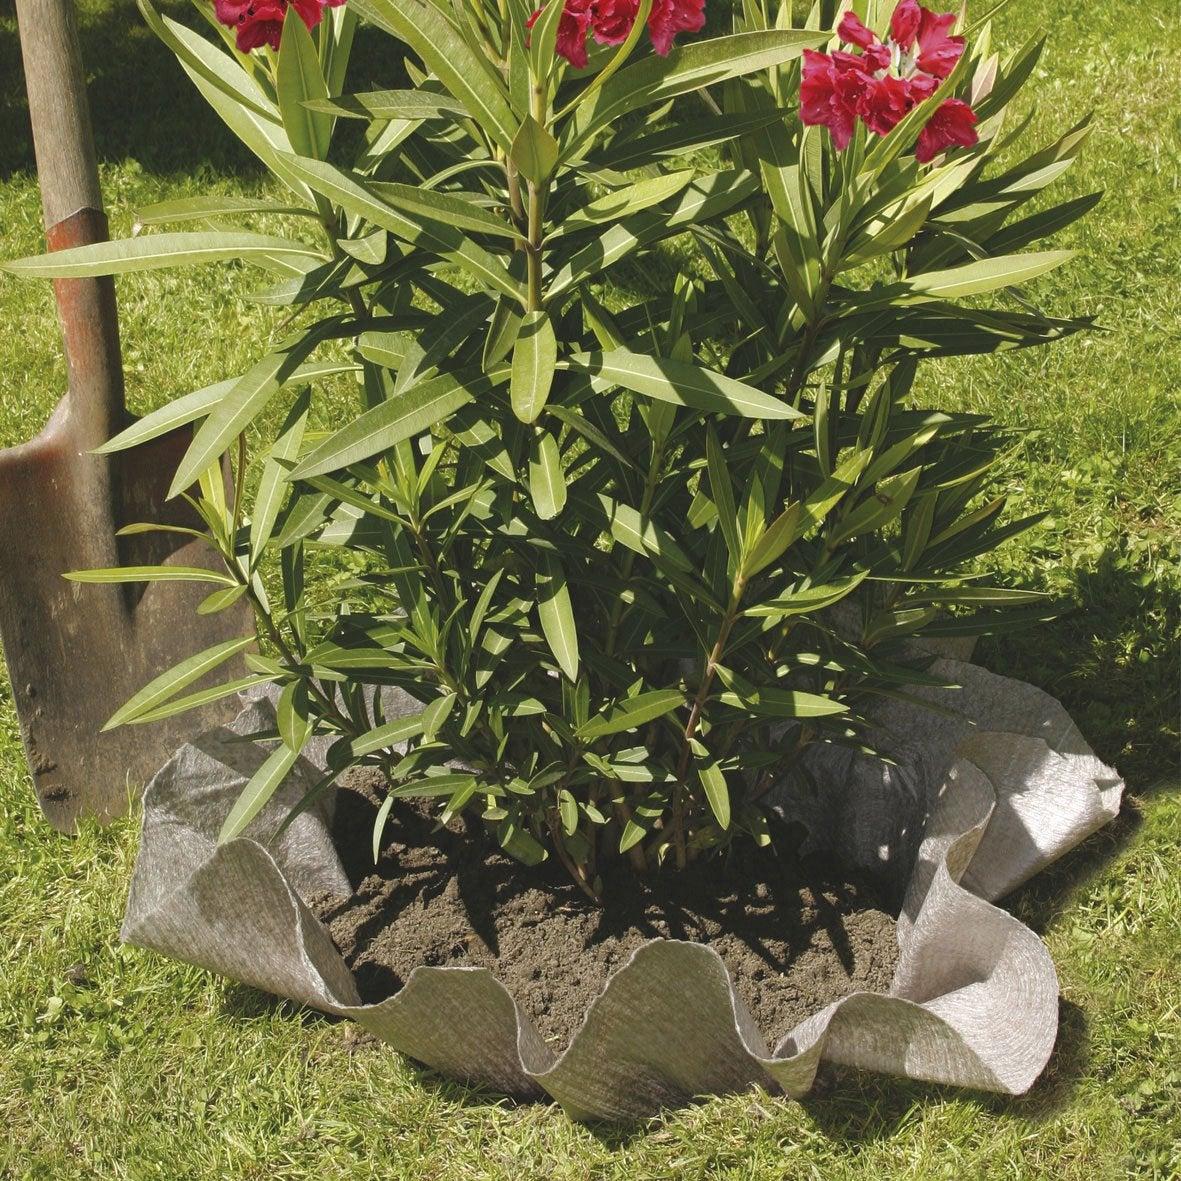 Pour Merlin De Bruyère Feutre Plantes Terre NorteneLeroy yvmnN08wO